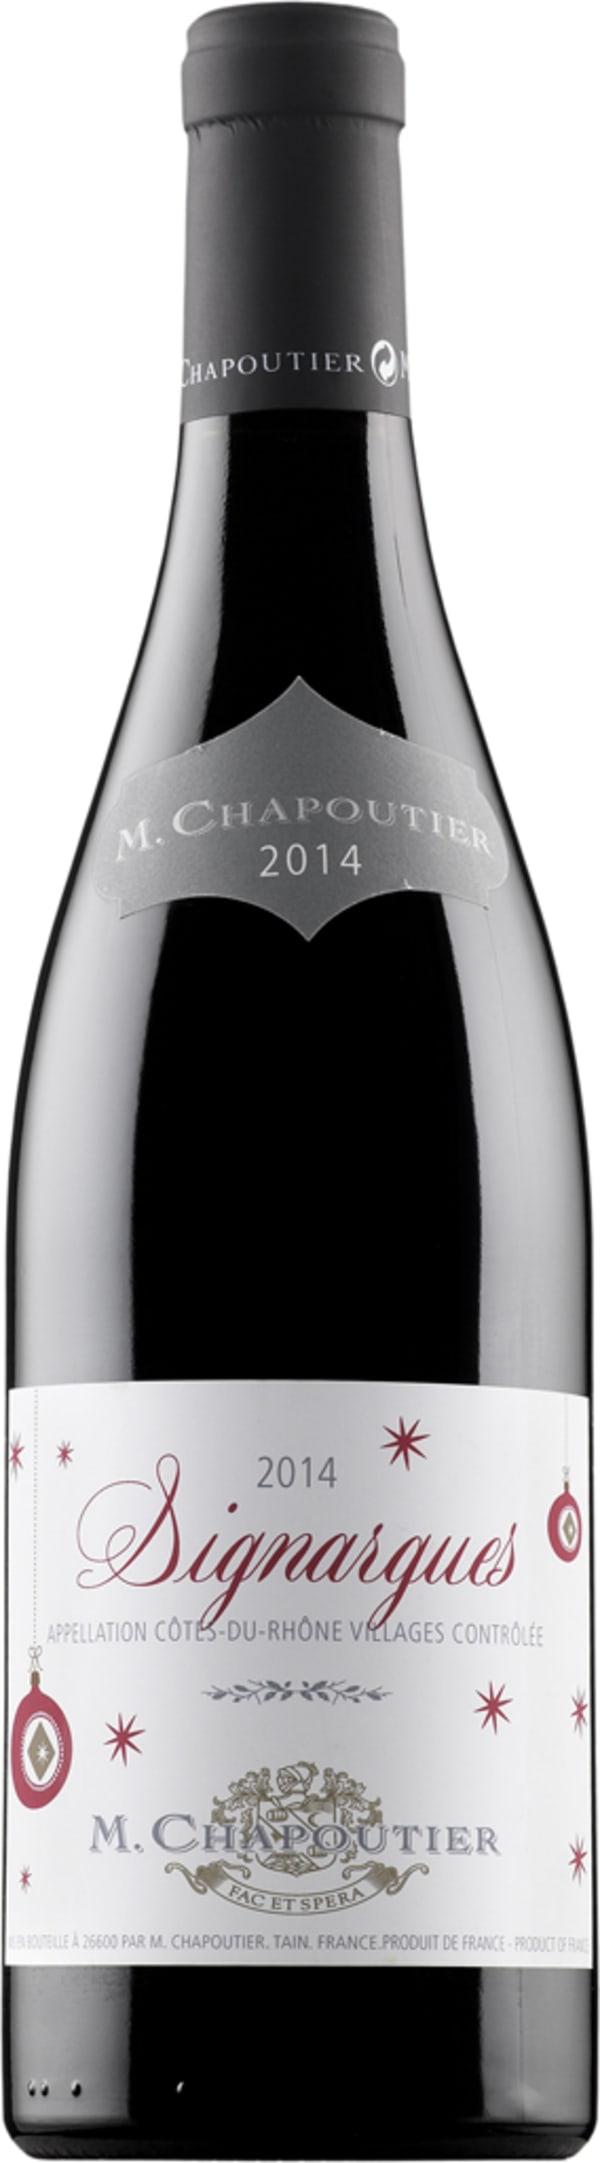 M. Chapoutier Signargues 2014